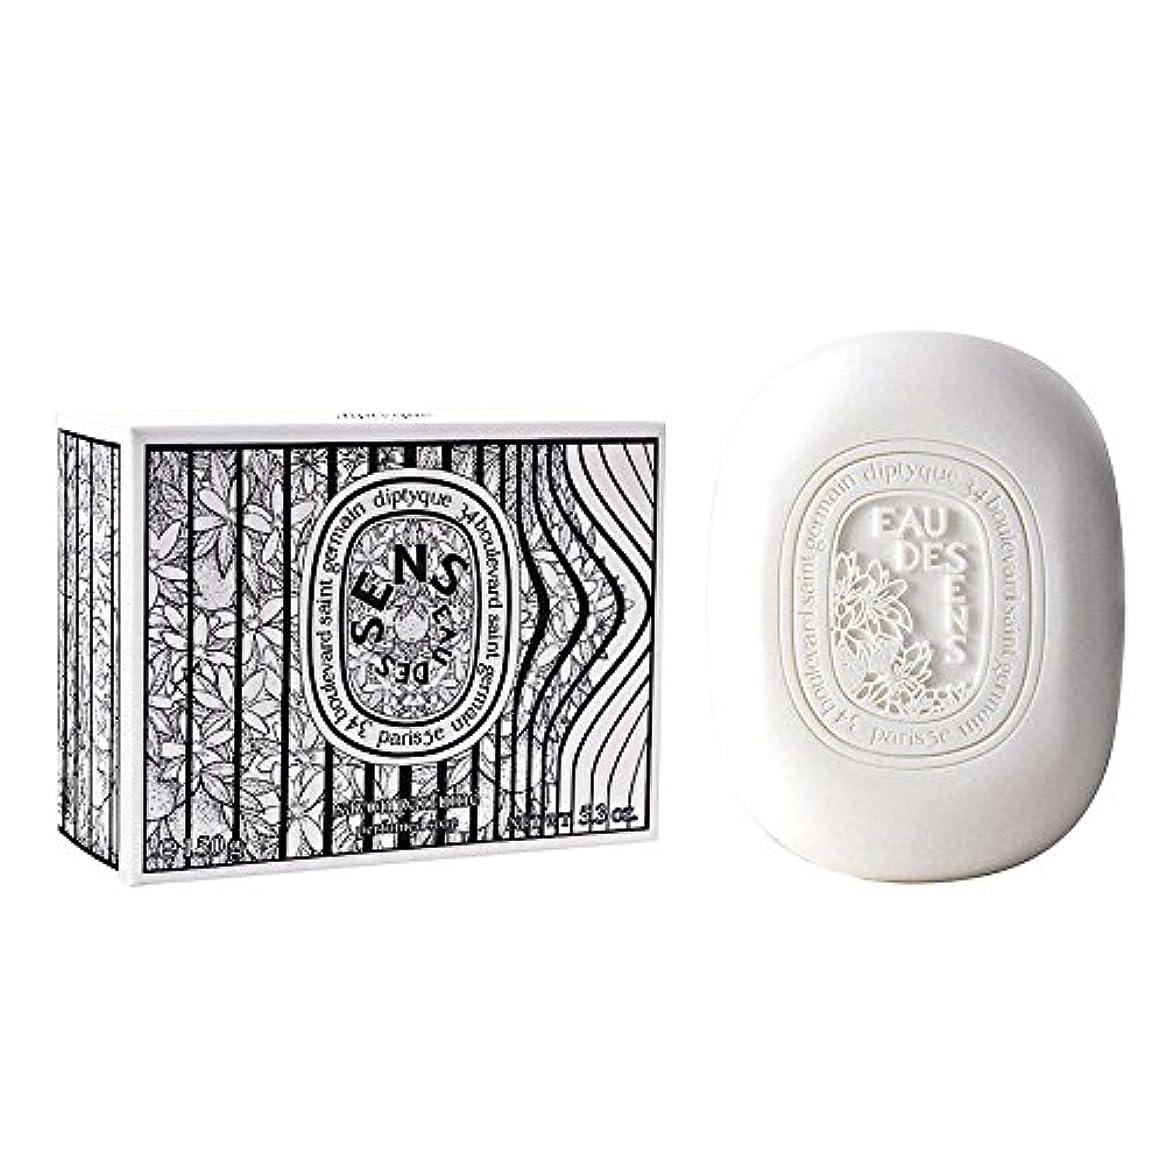 無力ふりをする比較的Diptyque Eau Des Sens (ディプティック オー デ センス) 150g Soap (石けん) for Women